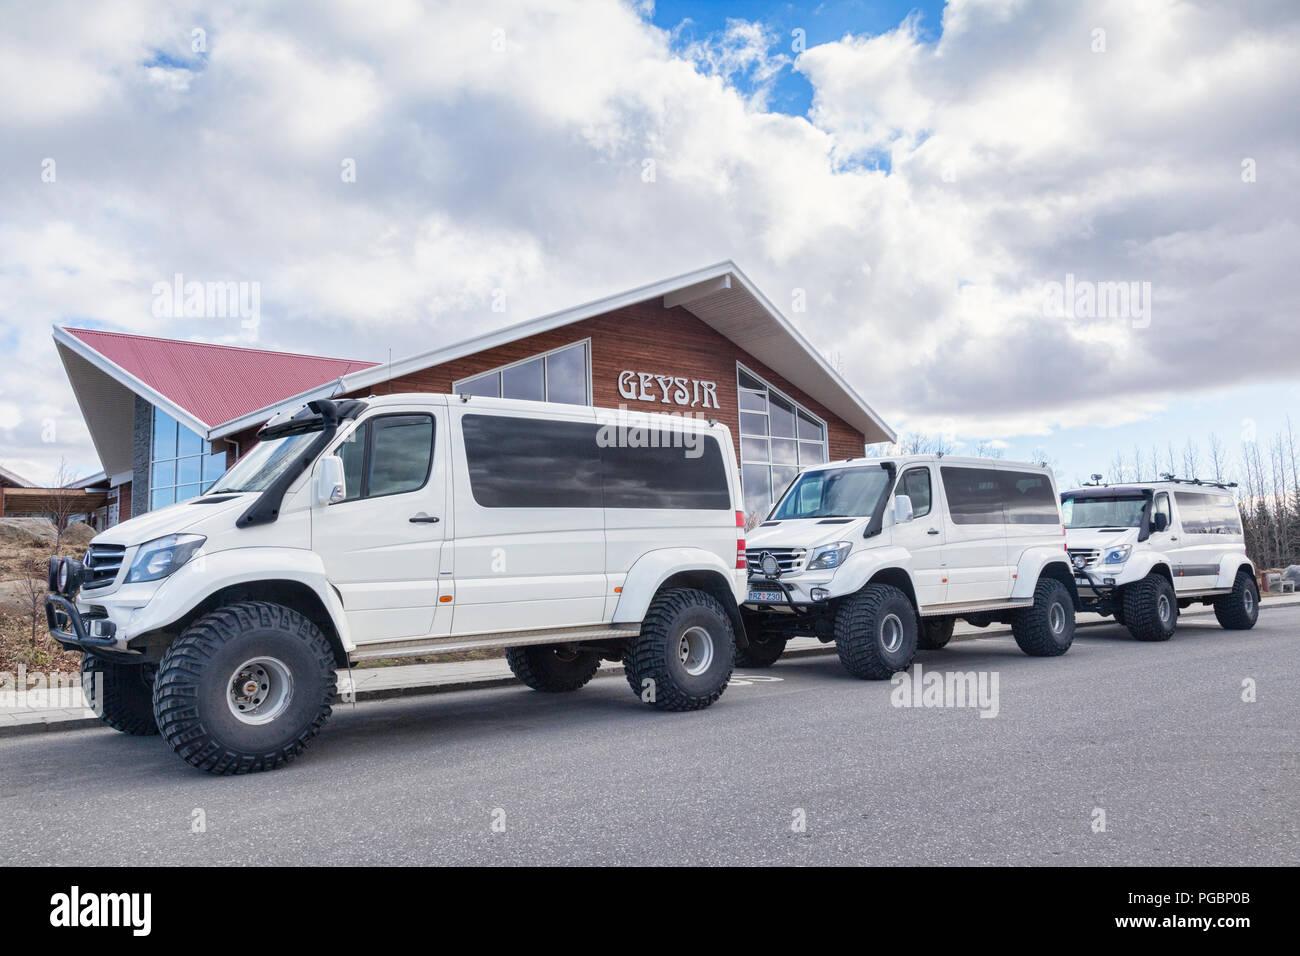 20 de abril de 2018: Geysir, Islandia - Tres grandes vehículos todoterreno alineadas en Geysir. Imagen De Stock